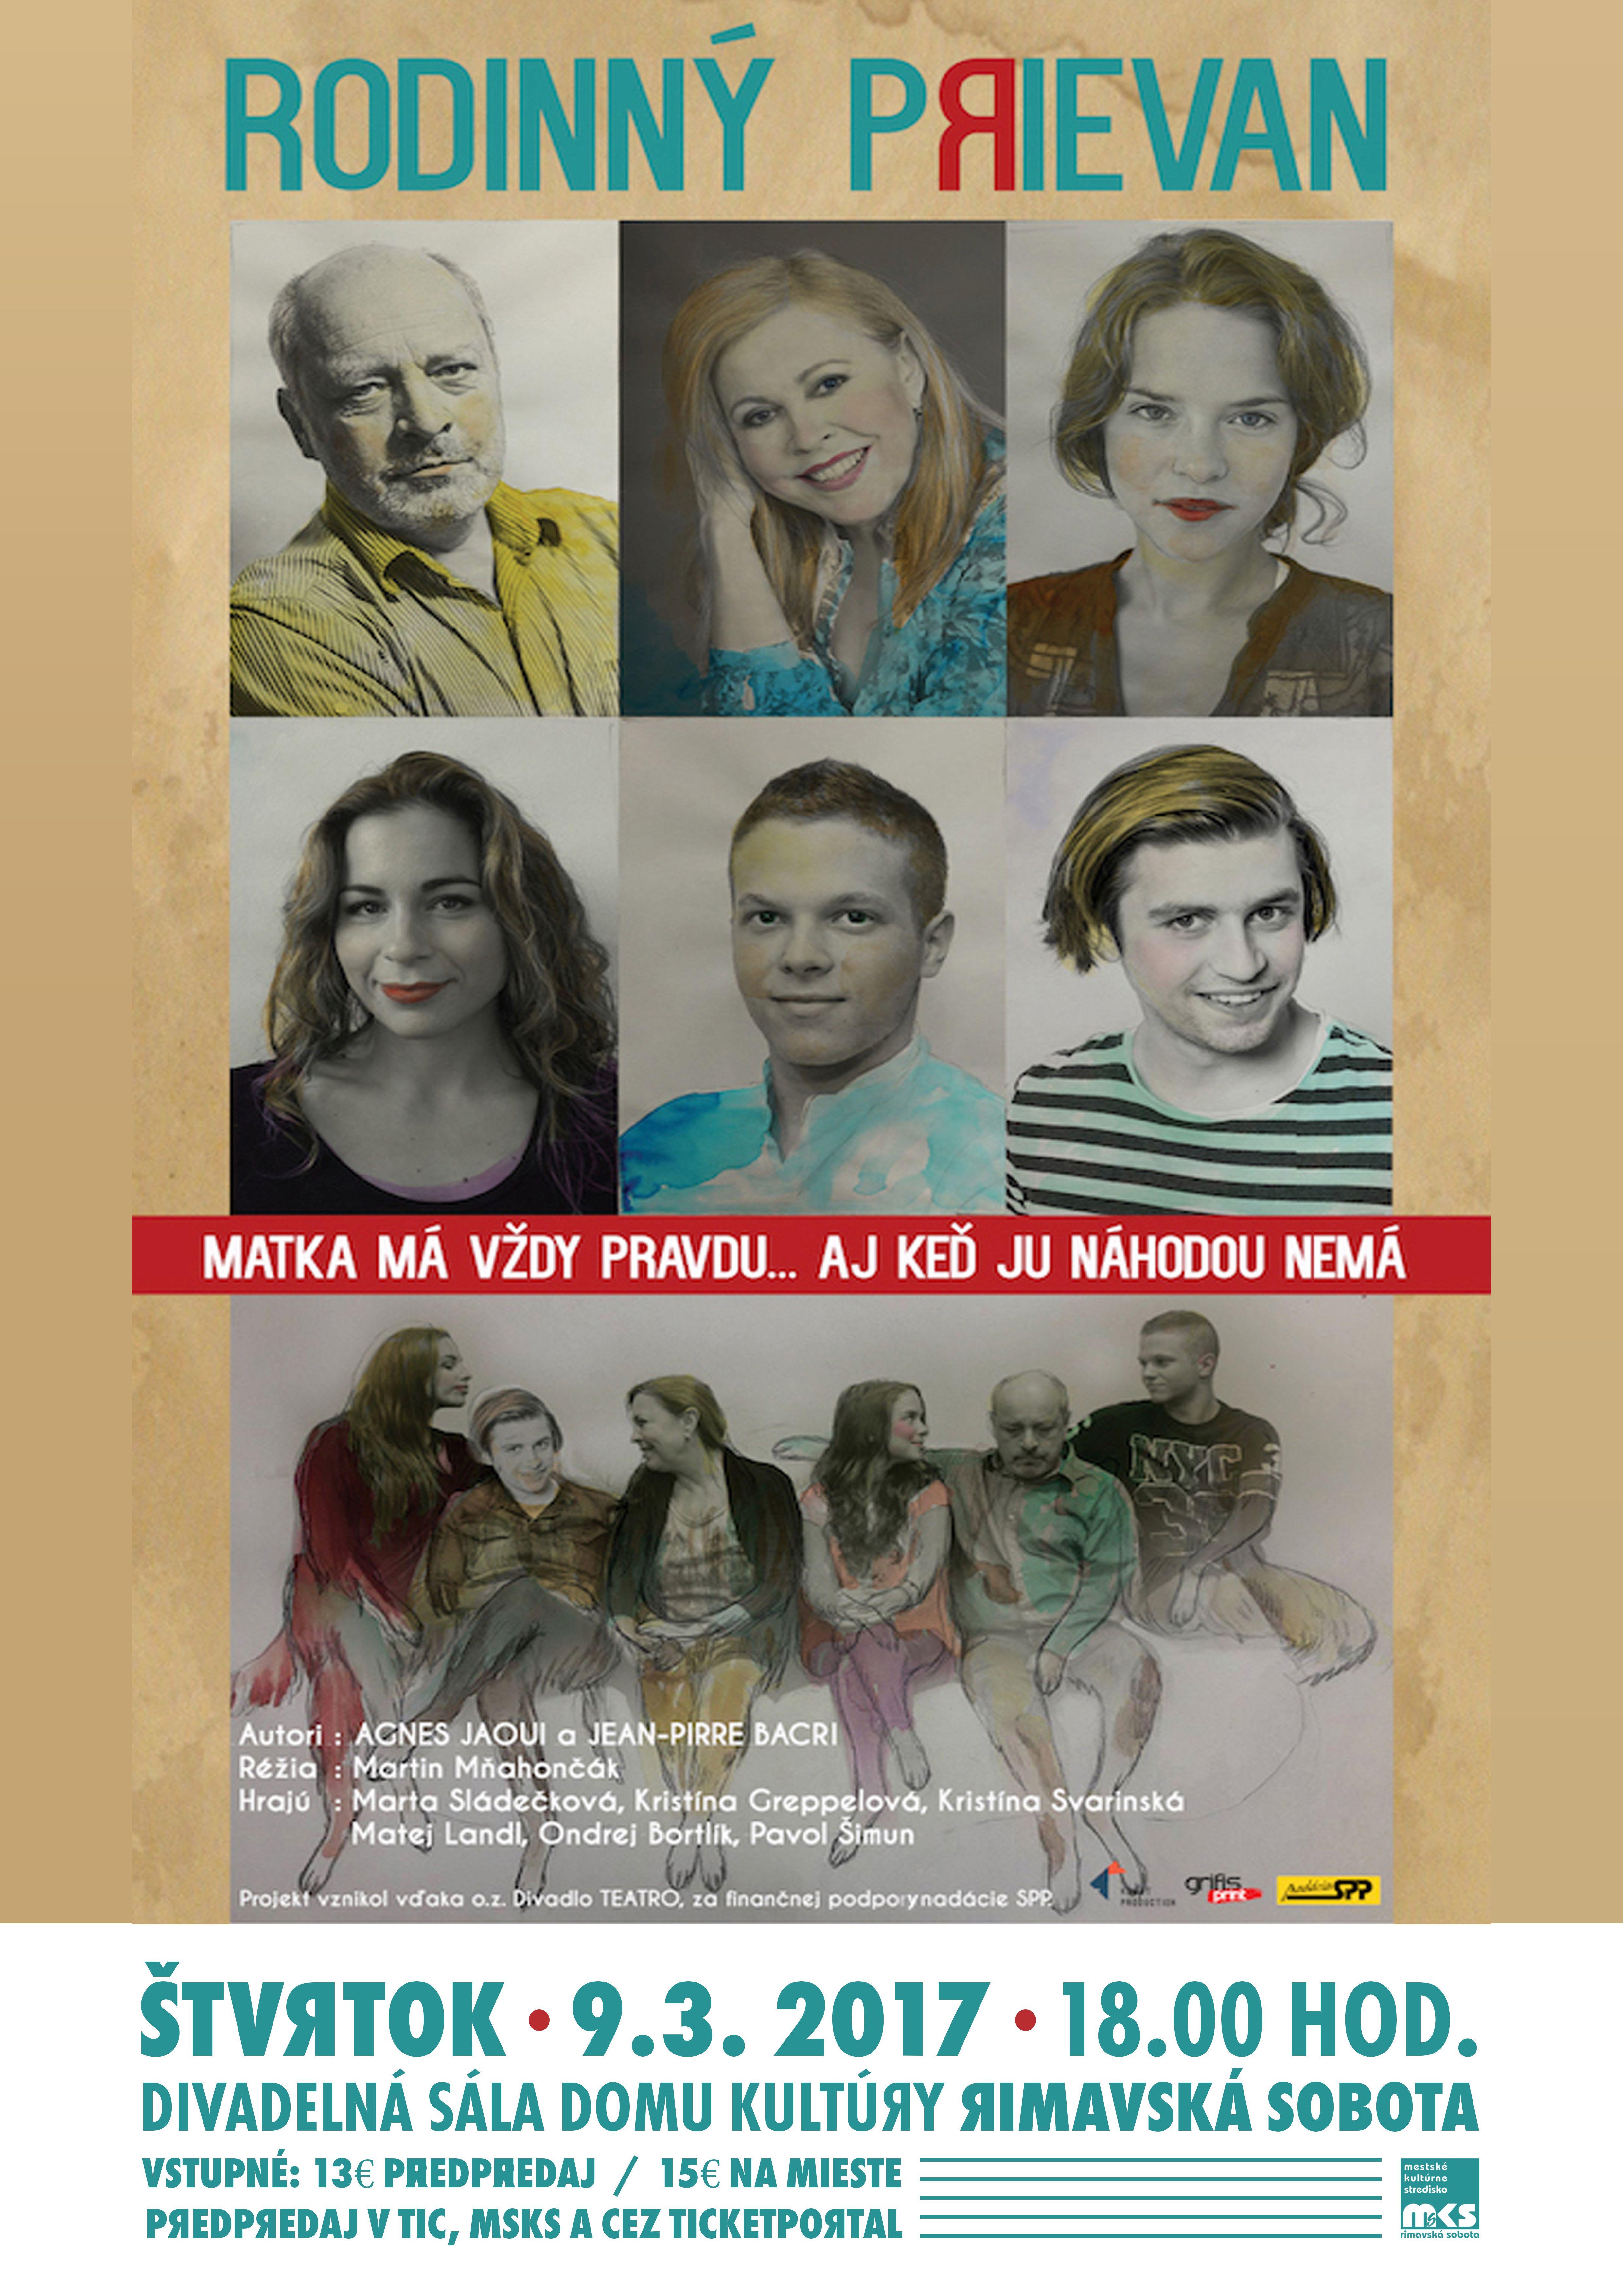 RODINNÝ PRIEVAN @ Divadelná sála Domu kultúry Rimavská Sobota | Slovensko